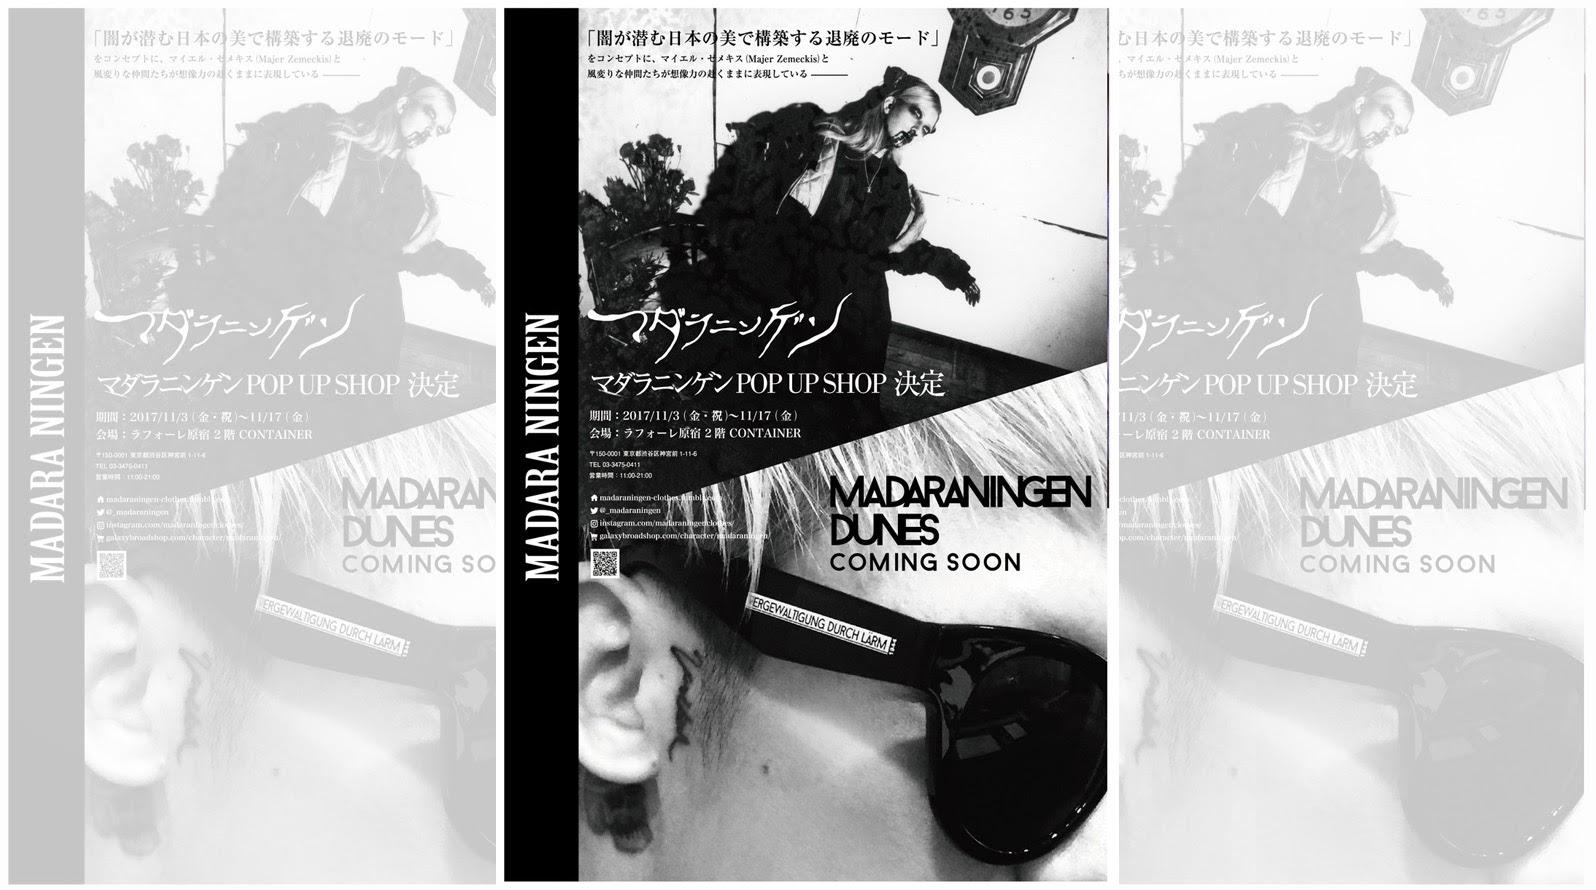 京(DIR EN GREY / sukekiyo)所創作的品牌服飾「MADARANINGEN(マダラニンゲン)」將於11月在原宿展開臨時店鋪